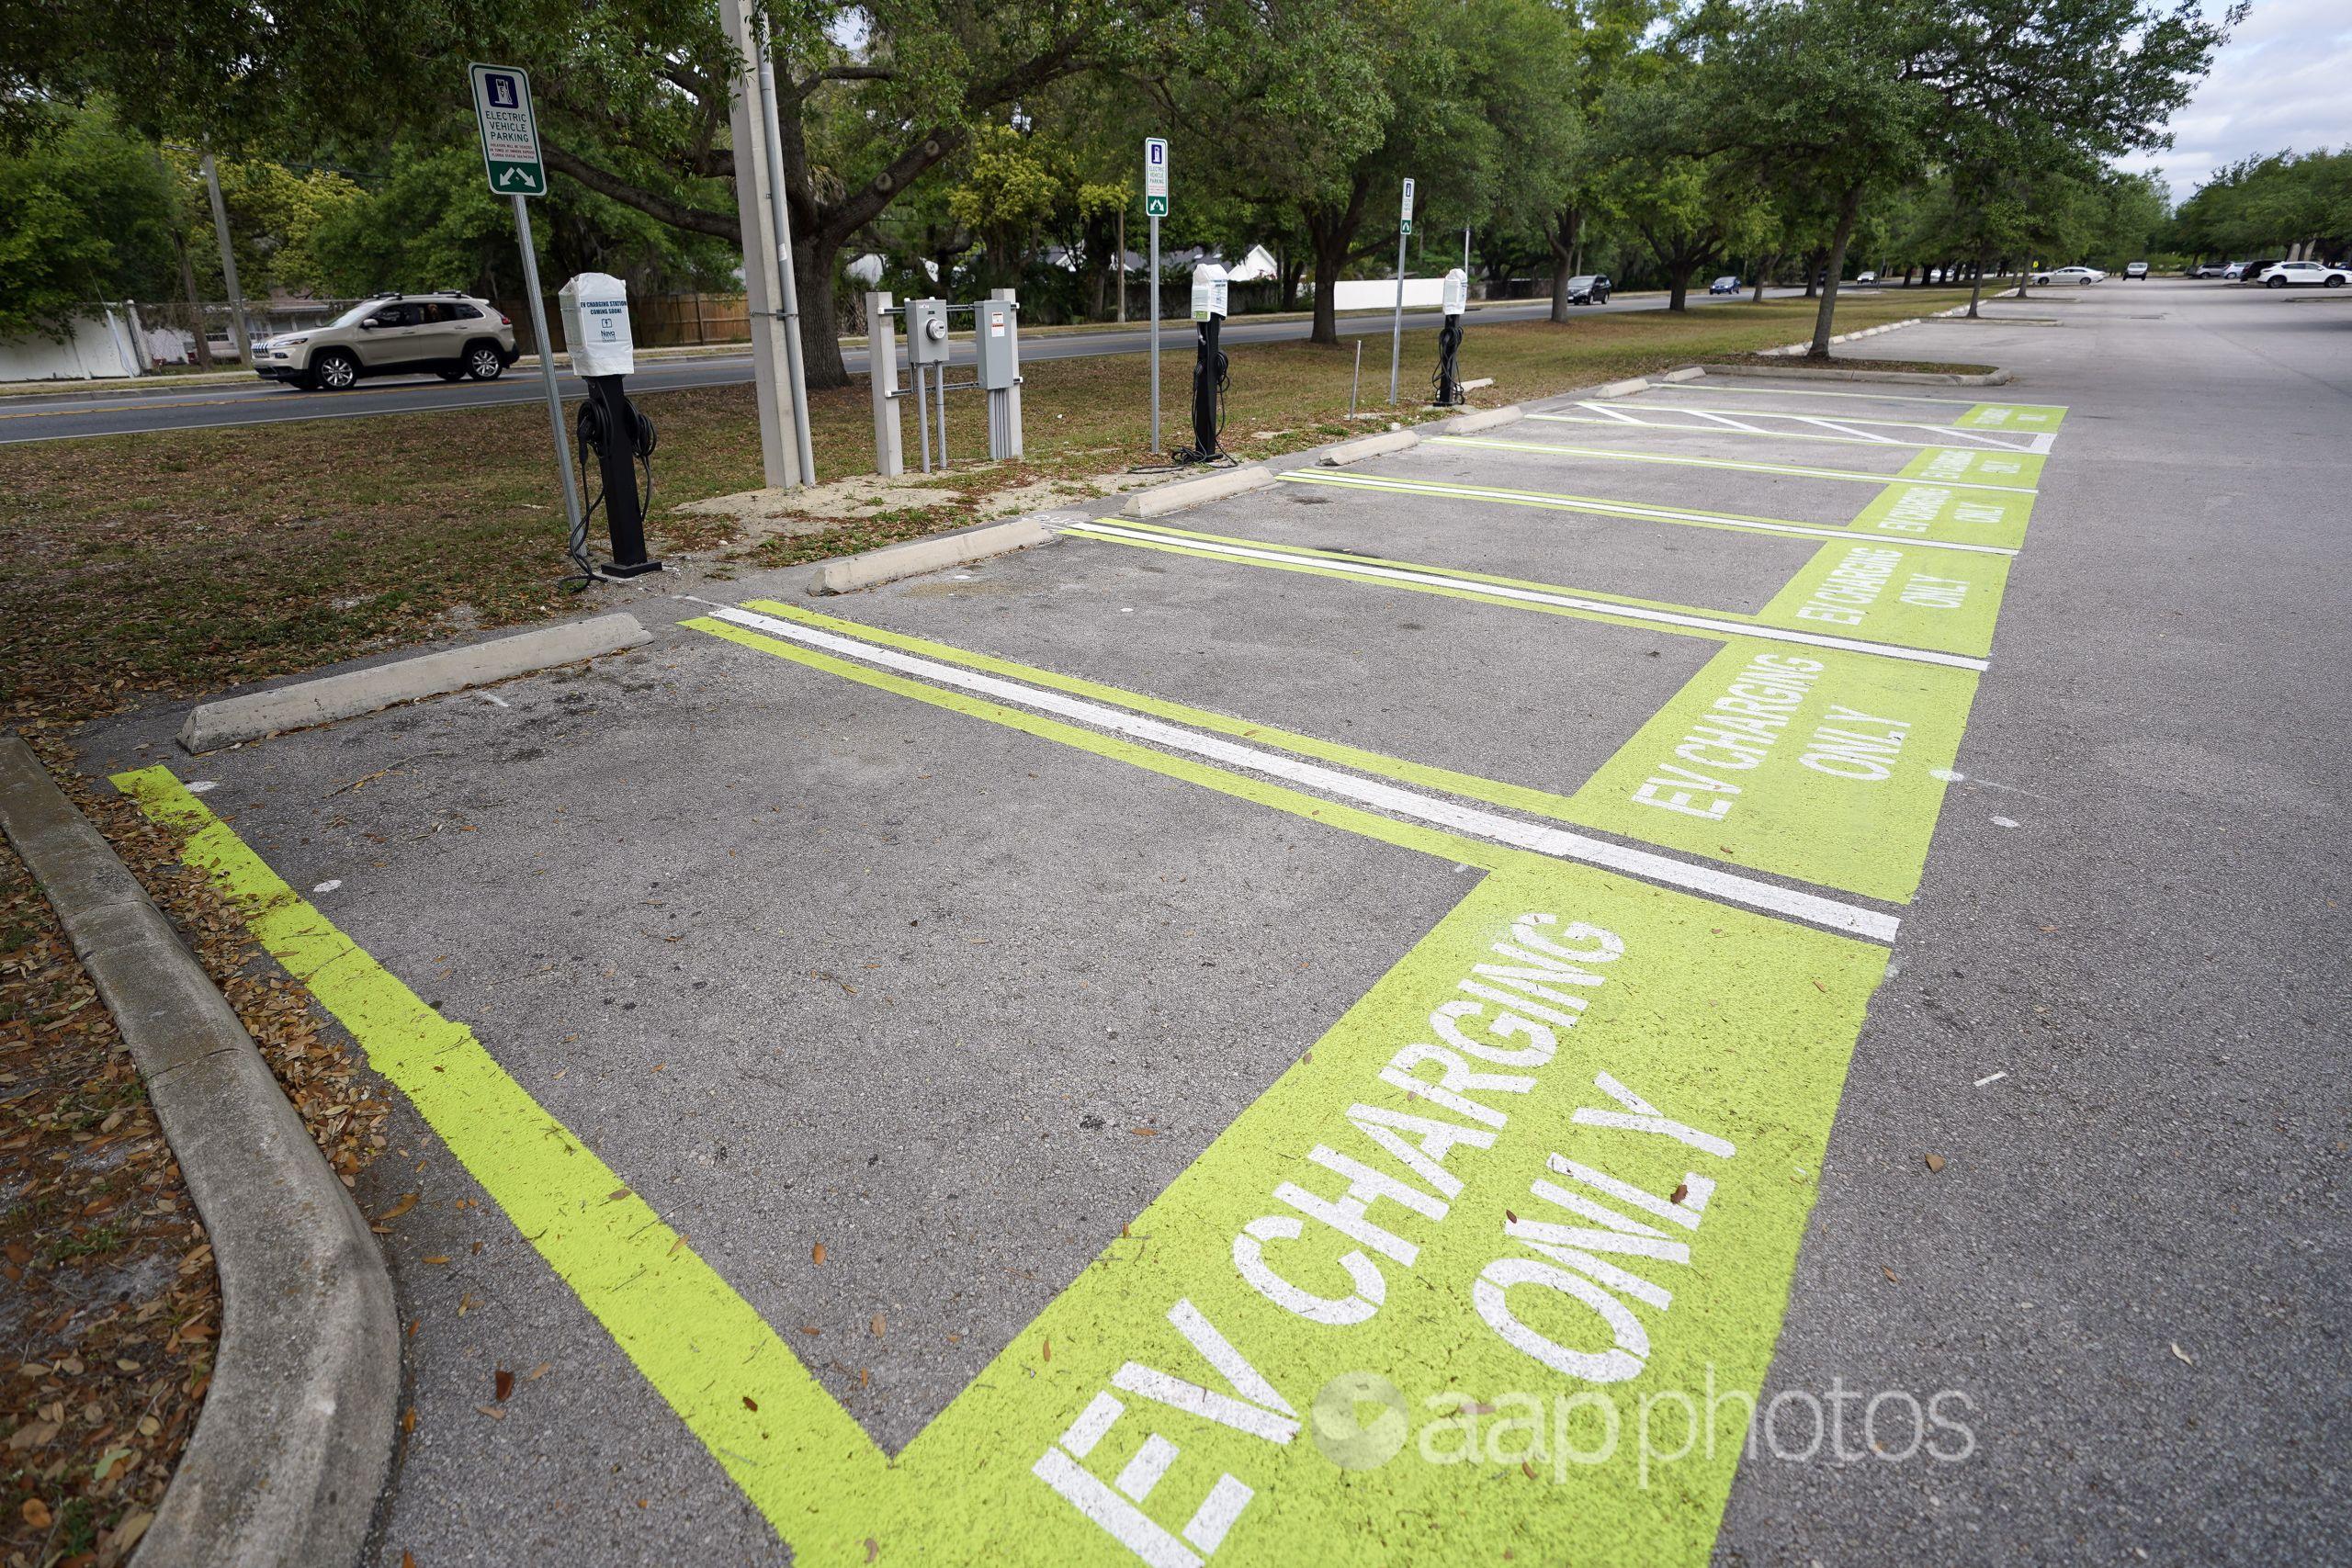 Public car parking spaces in Orlando, Florida